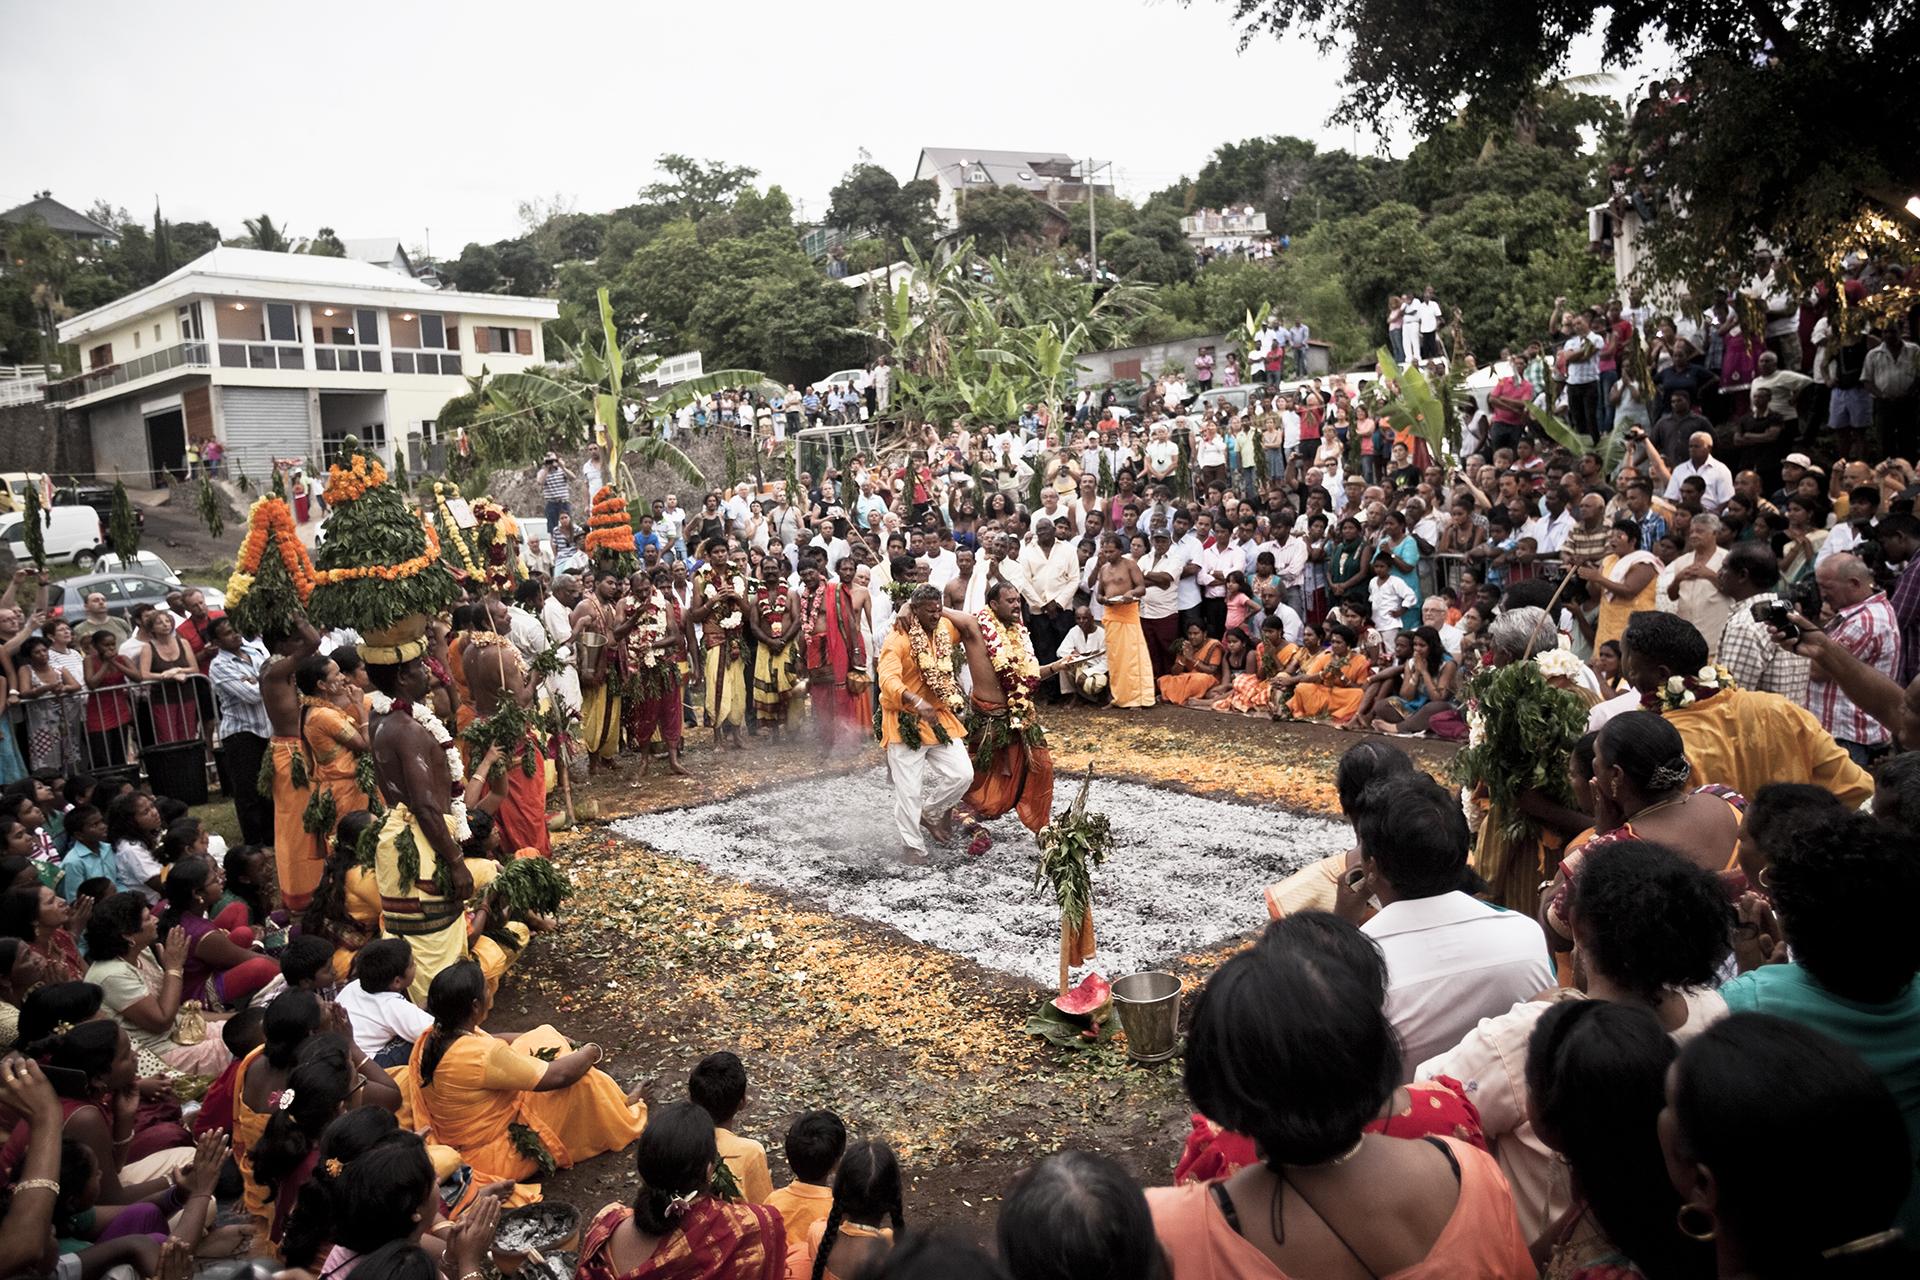 Temple du Piton Saint-Leu. Avant 1848, le culte des Hindous de l'île de la Réunion a longtemps été diabolisé et interdit. Après l'abolition de l'esclavage, la pratique des marches sur le feu s'est propagée à mesure de la multiplication des usines sucrières. Aujourd'hui cette cérémonie religieuse indoue, originaire de la région du Talil Nadu, se pratique le dimanche ou les jours fériés, le plus souvent entre novembre et début février, principalement aux alentours de Saint-André et de Saint-Pierre où résident d'importantes communautés Tamoules. La marche sur le feu représente pour tous une cérémonie chargée de significations. Elle retrace l'histoire de la déesse Pandiallee qui n'a pas hésité à braver les flammes pour prouver sa fidélité. Les marcheurs vont se purifier par le carême et l'abstinence pendant une période de dix-huit jours en principe. Ils s'imprègnent des éléments mythologiques liés à leur acte grâce à des récits et des représentations donnés tous les soirs au temple.